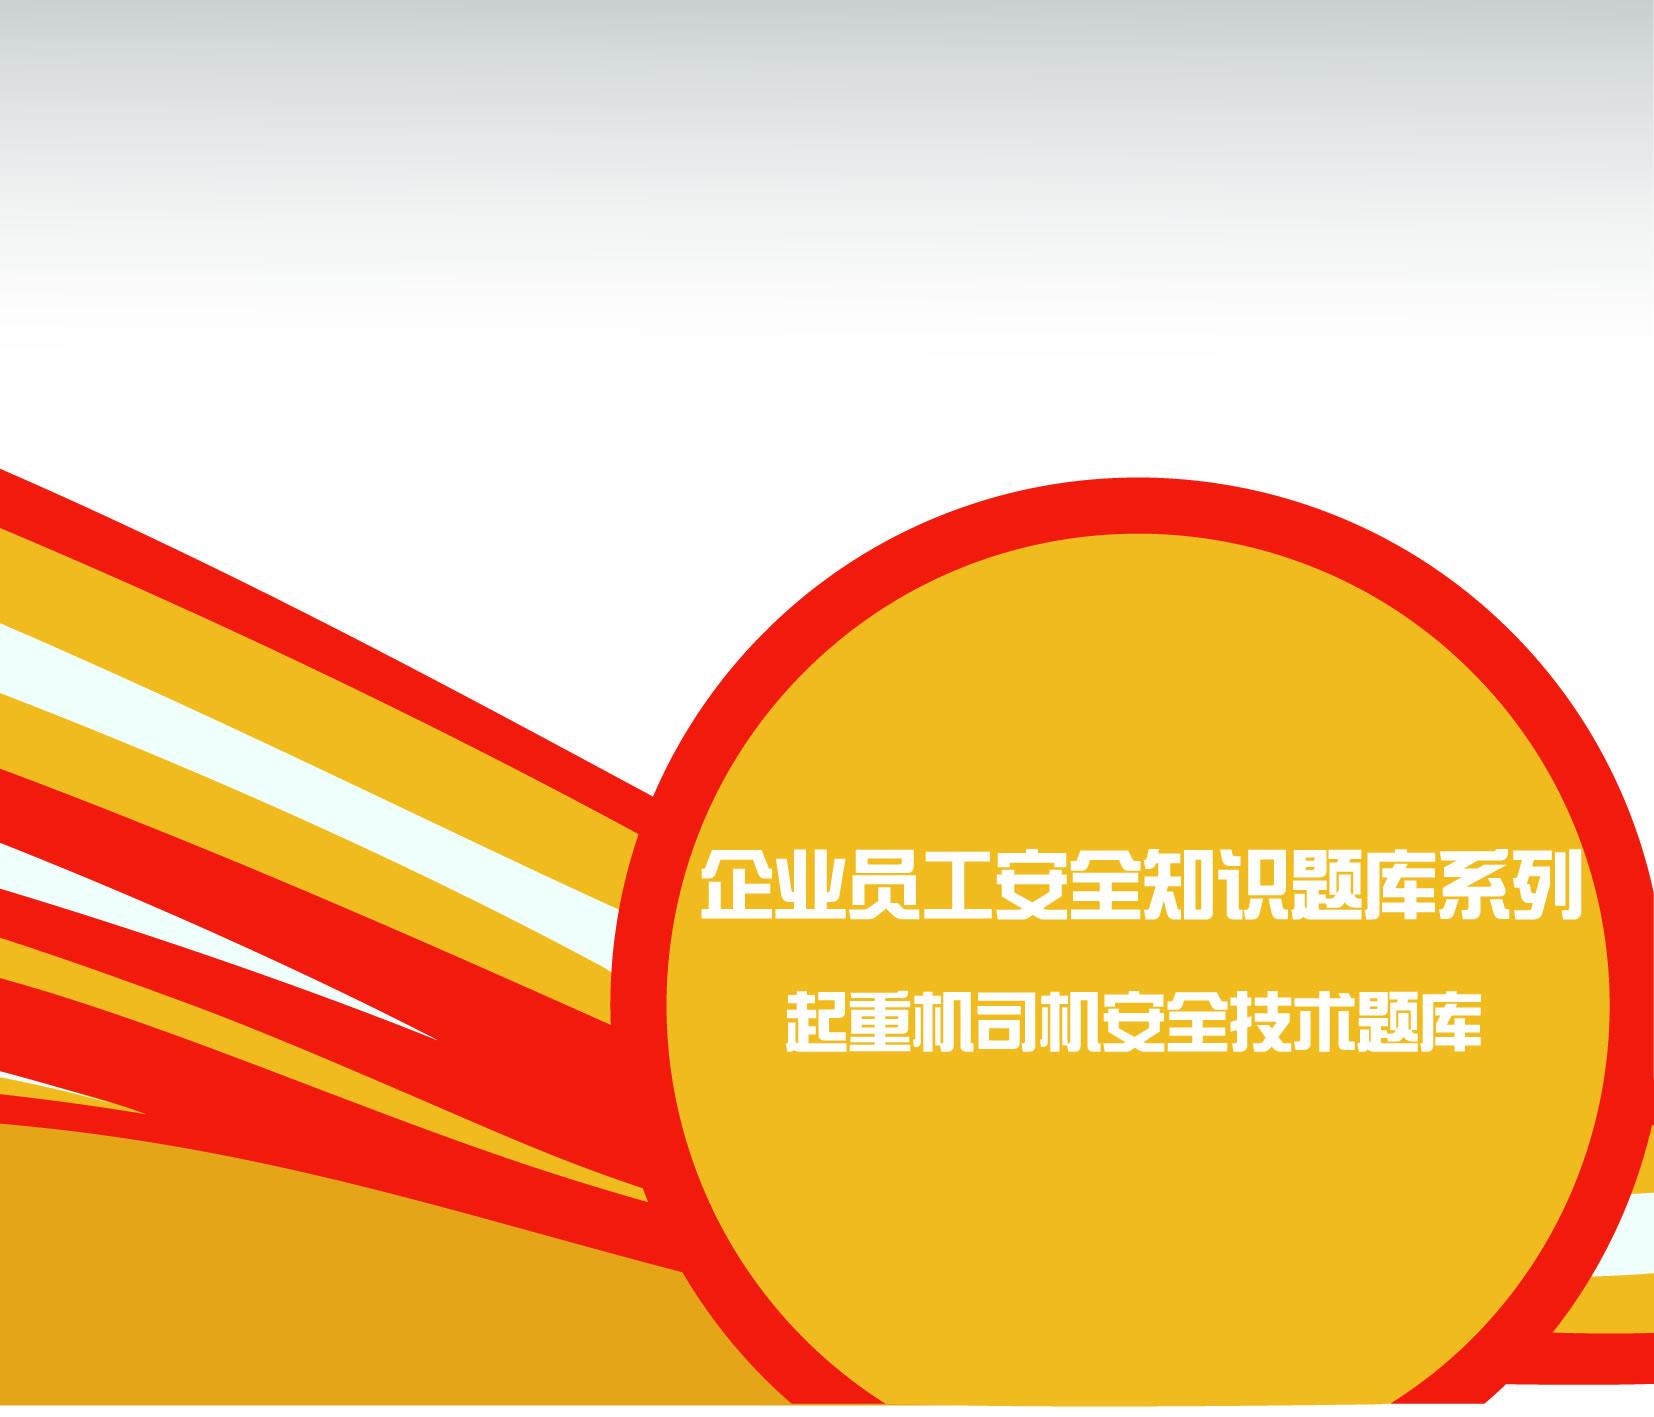 起重机司机腾博会技术题库(1片CD-ROM)